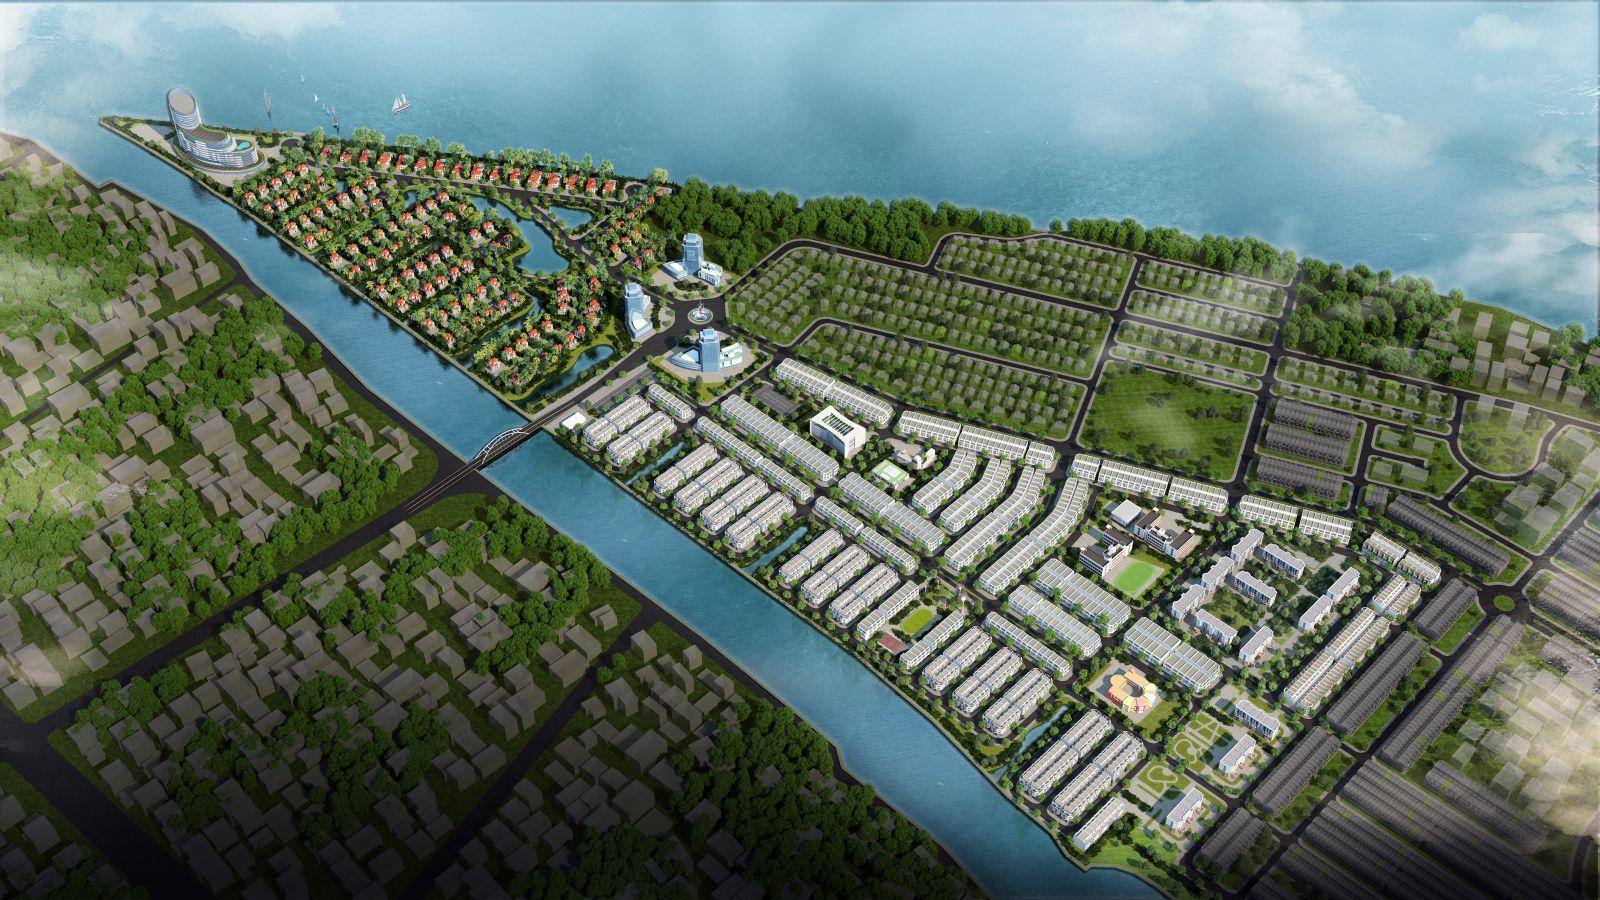 Văn Phú - Invest tiến hành quy hoạch và triển khai Khu đô thị mới Cồn Khương tại Cần Thơ